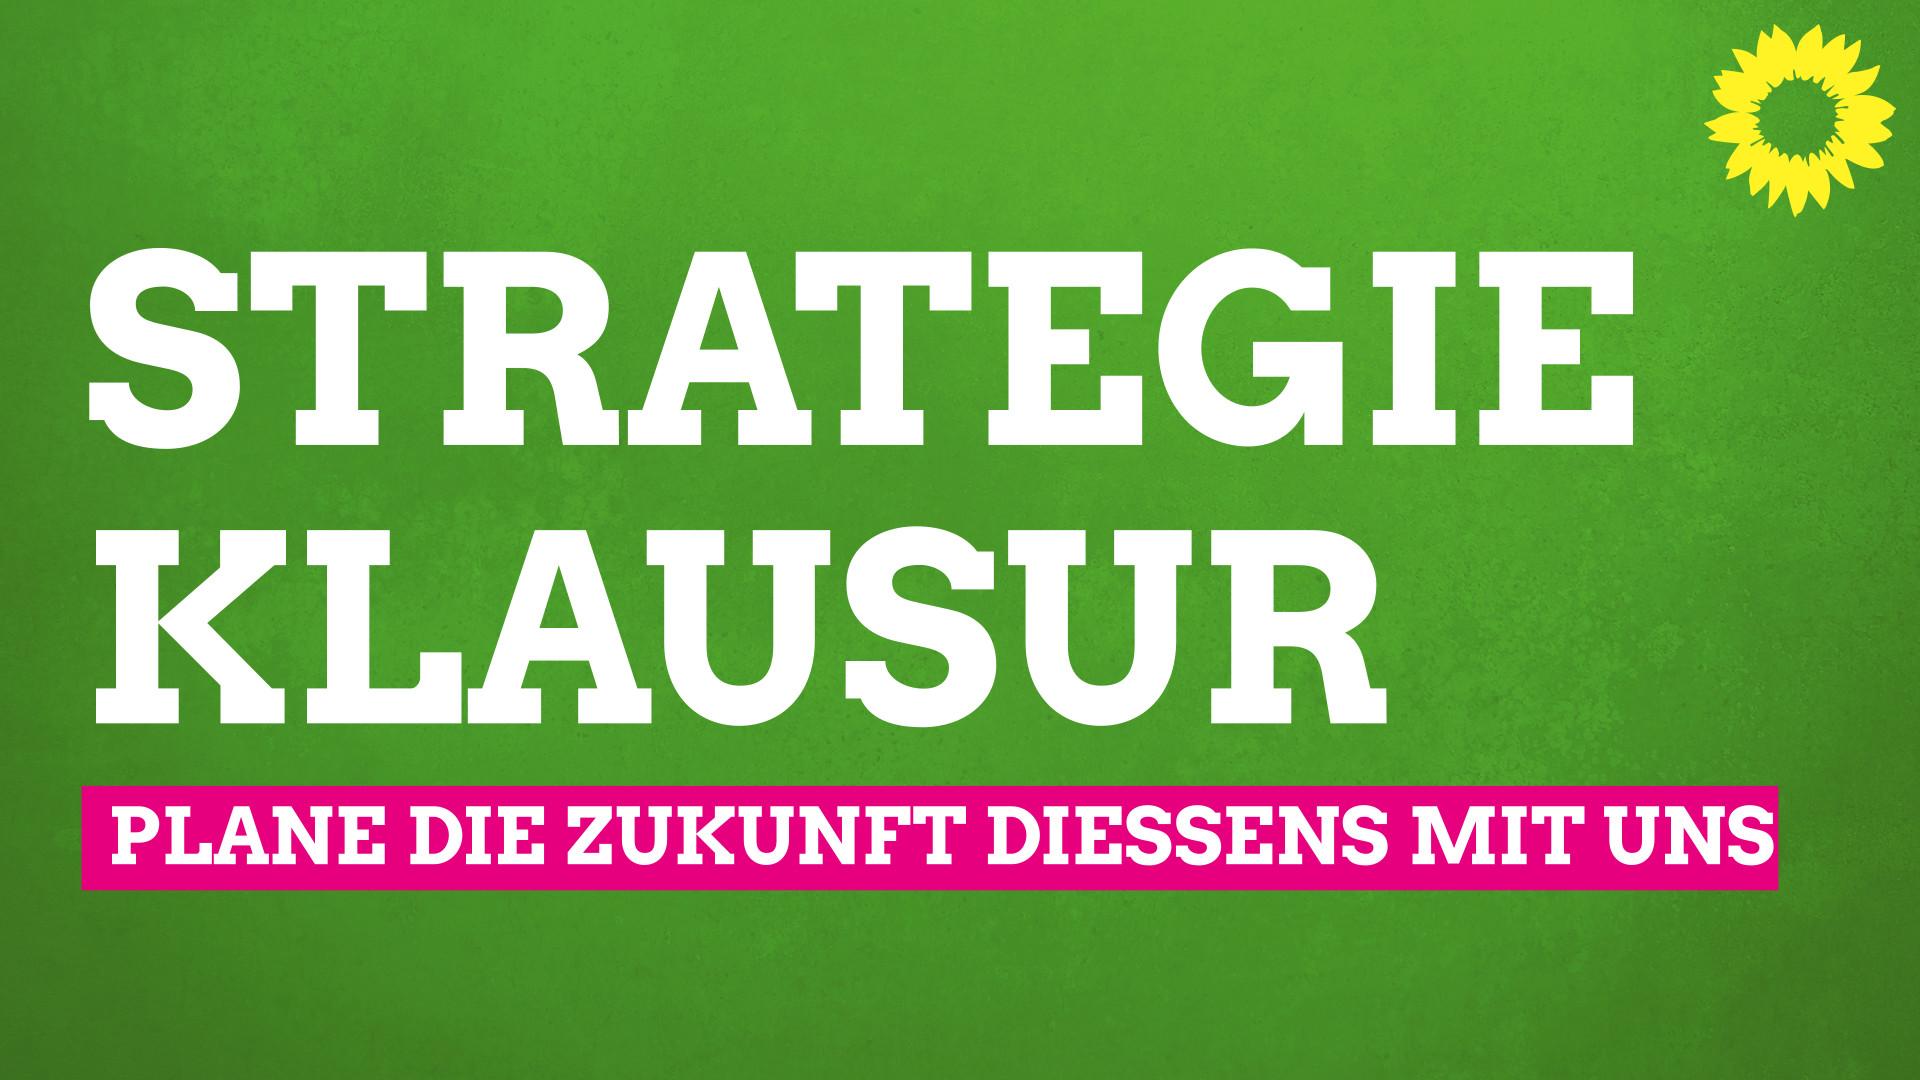 Virtuelle Strategieklausur der Grünen Dießen